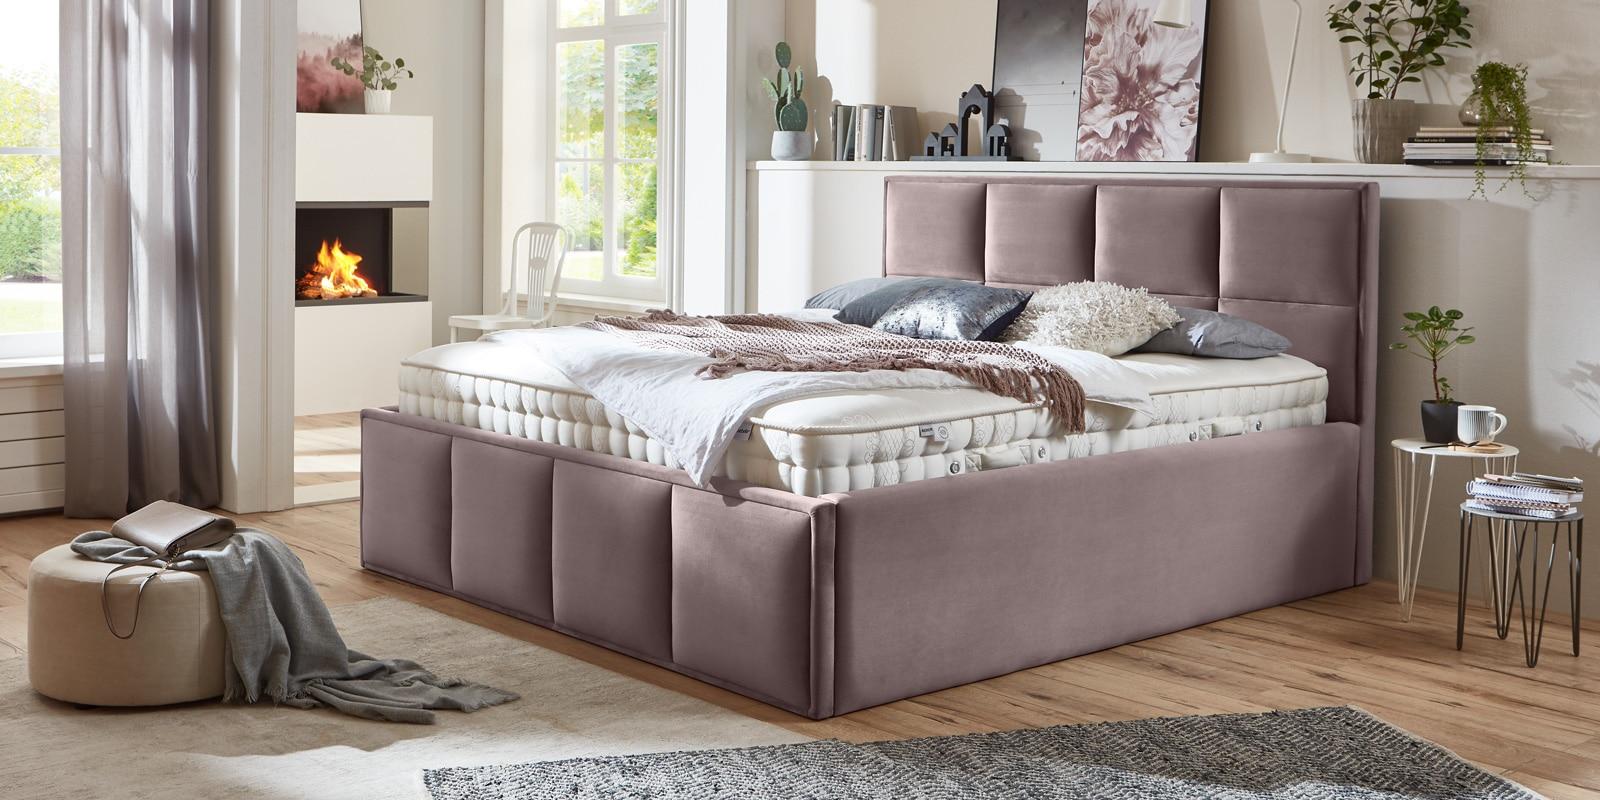 Bett mit Bettkasten Neptun XXL Samt rose Stauraumbett Queransicht